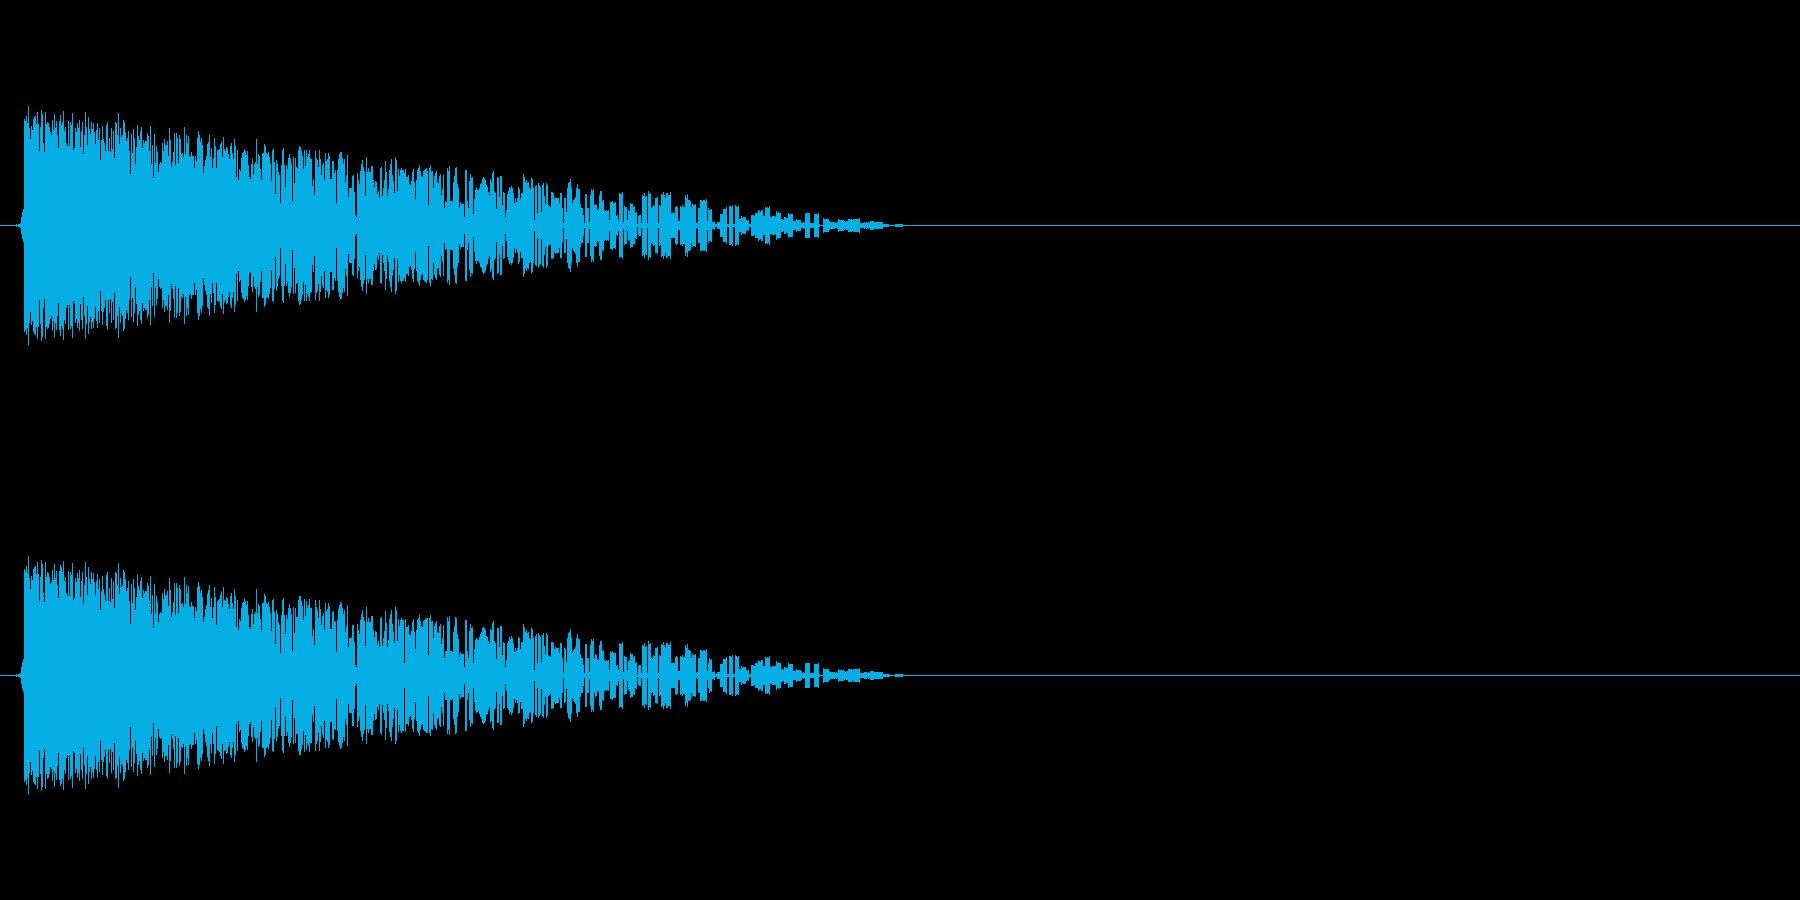 ゴオォォォォッ(炎魔法、レトロゲーム)の再生済みの波形